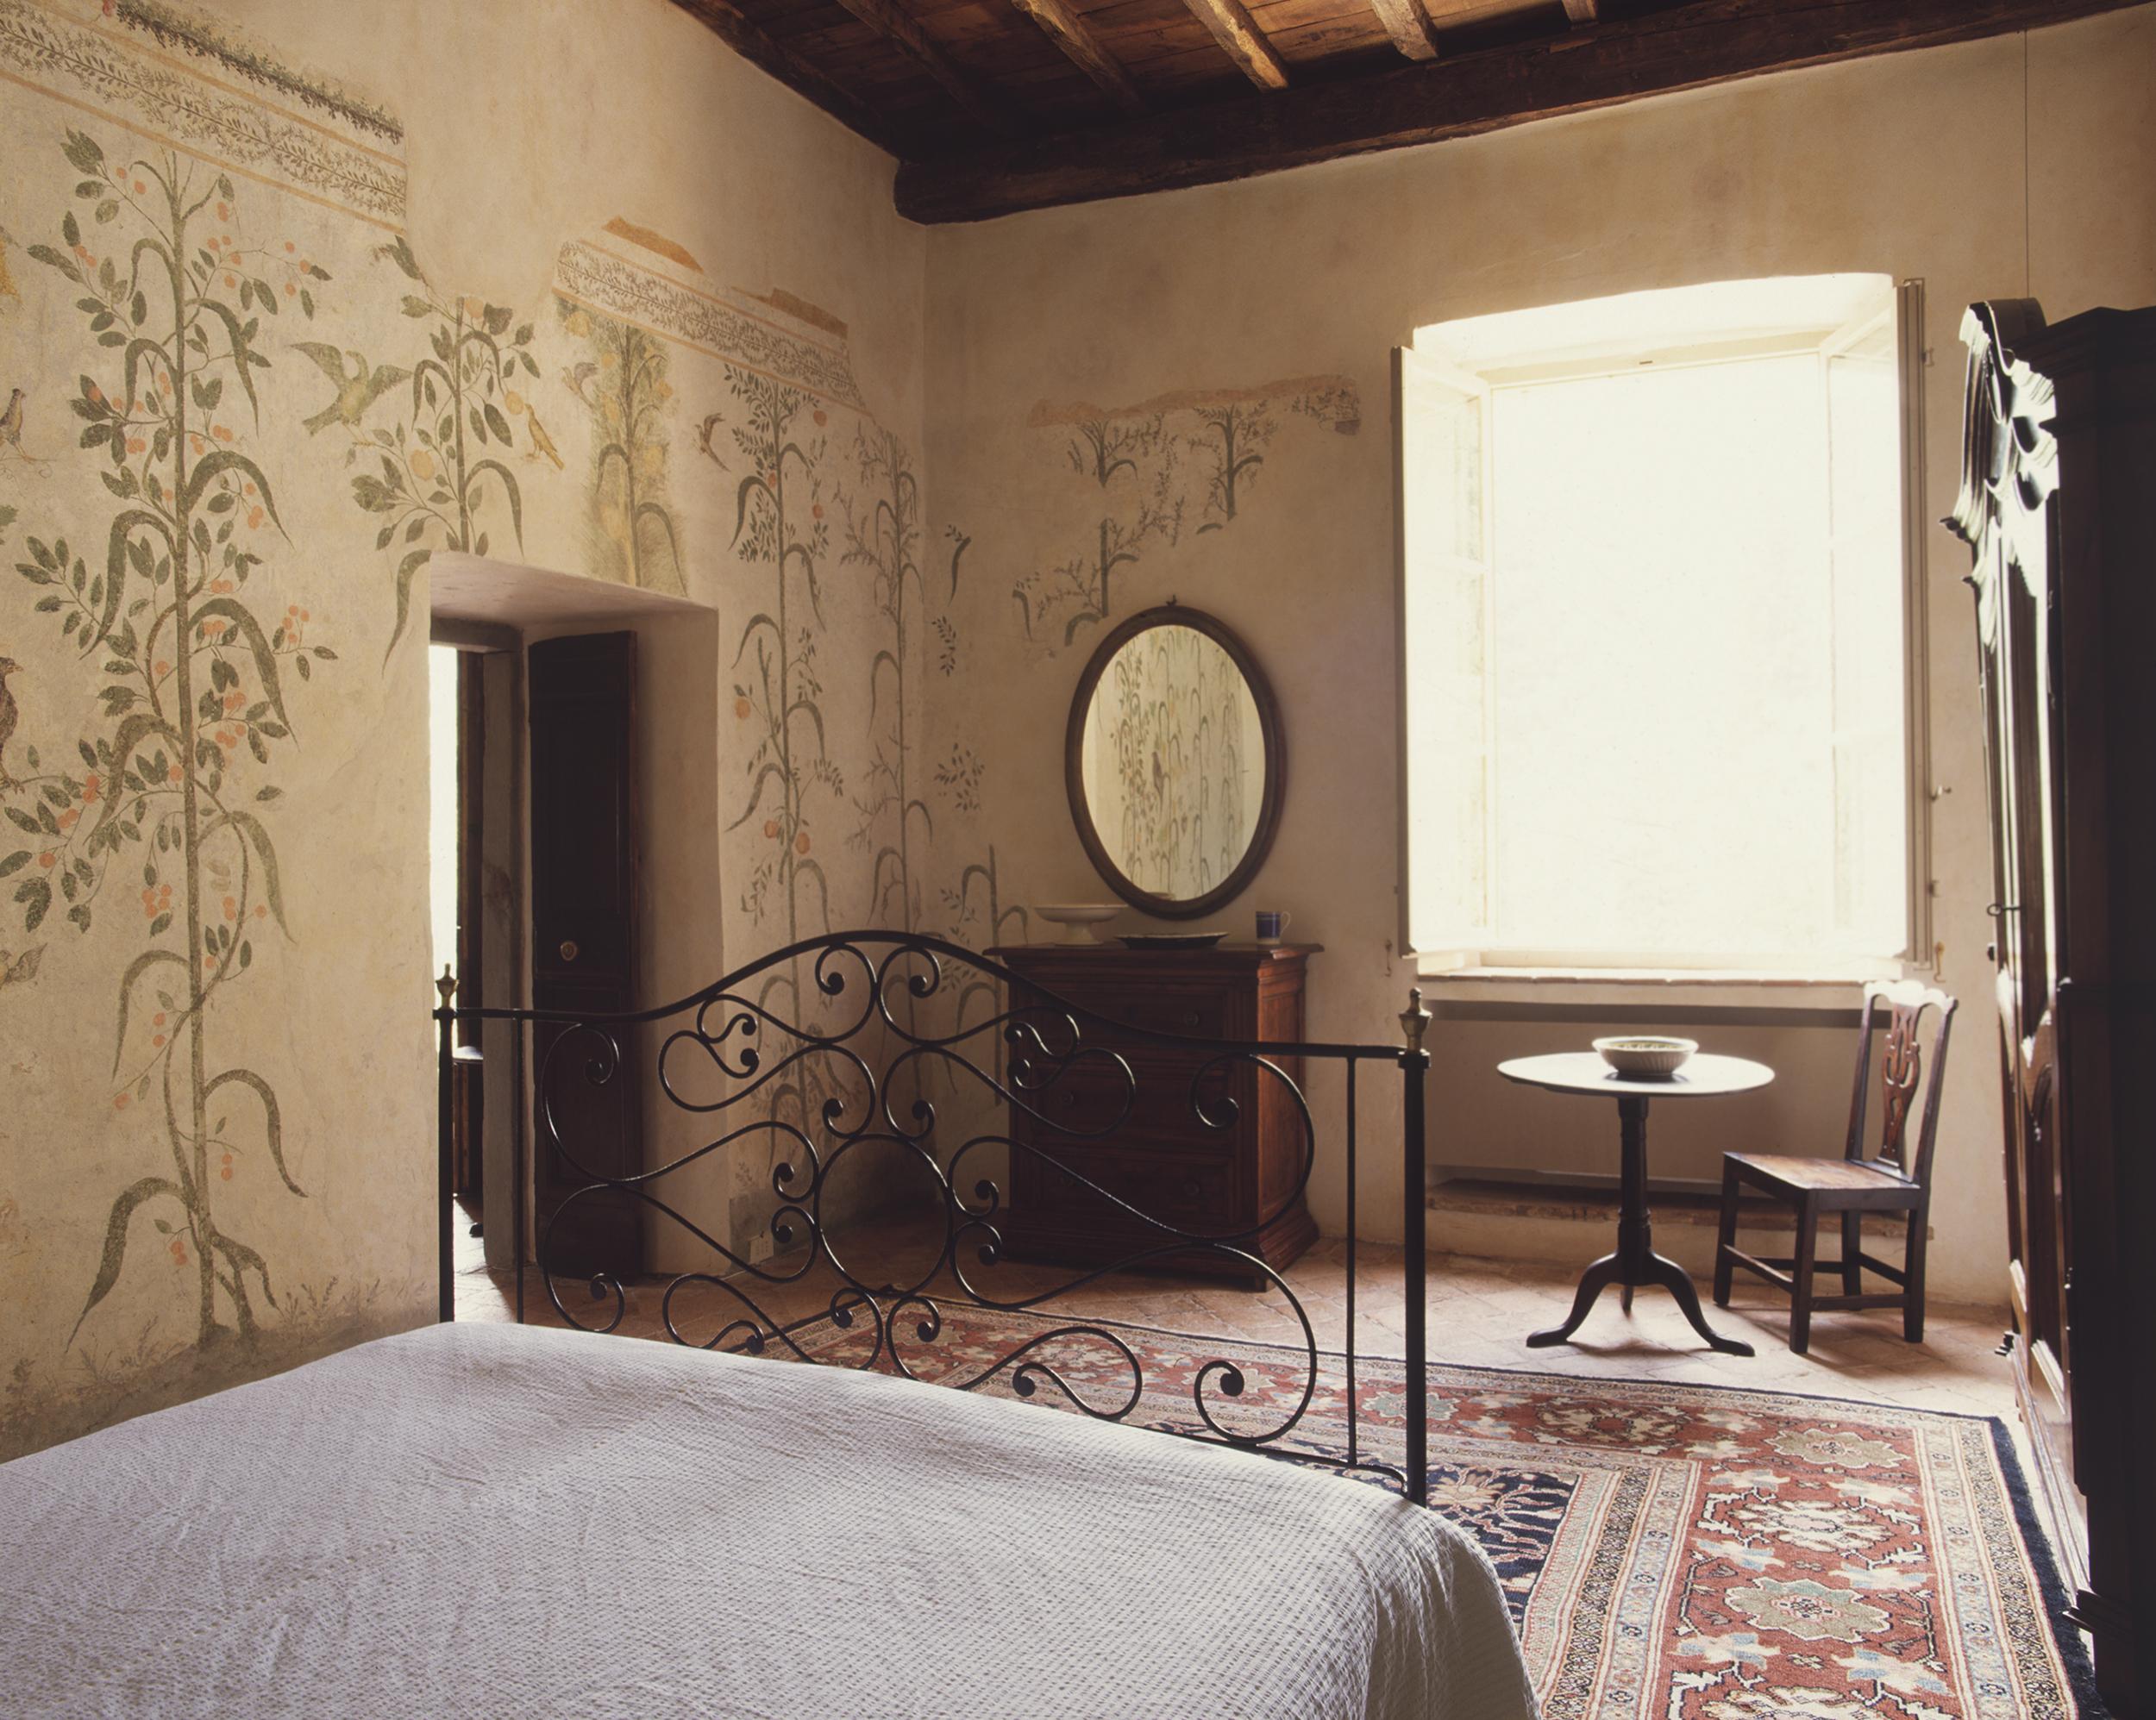 villa bedroom looking towards window.jpg